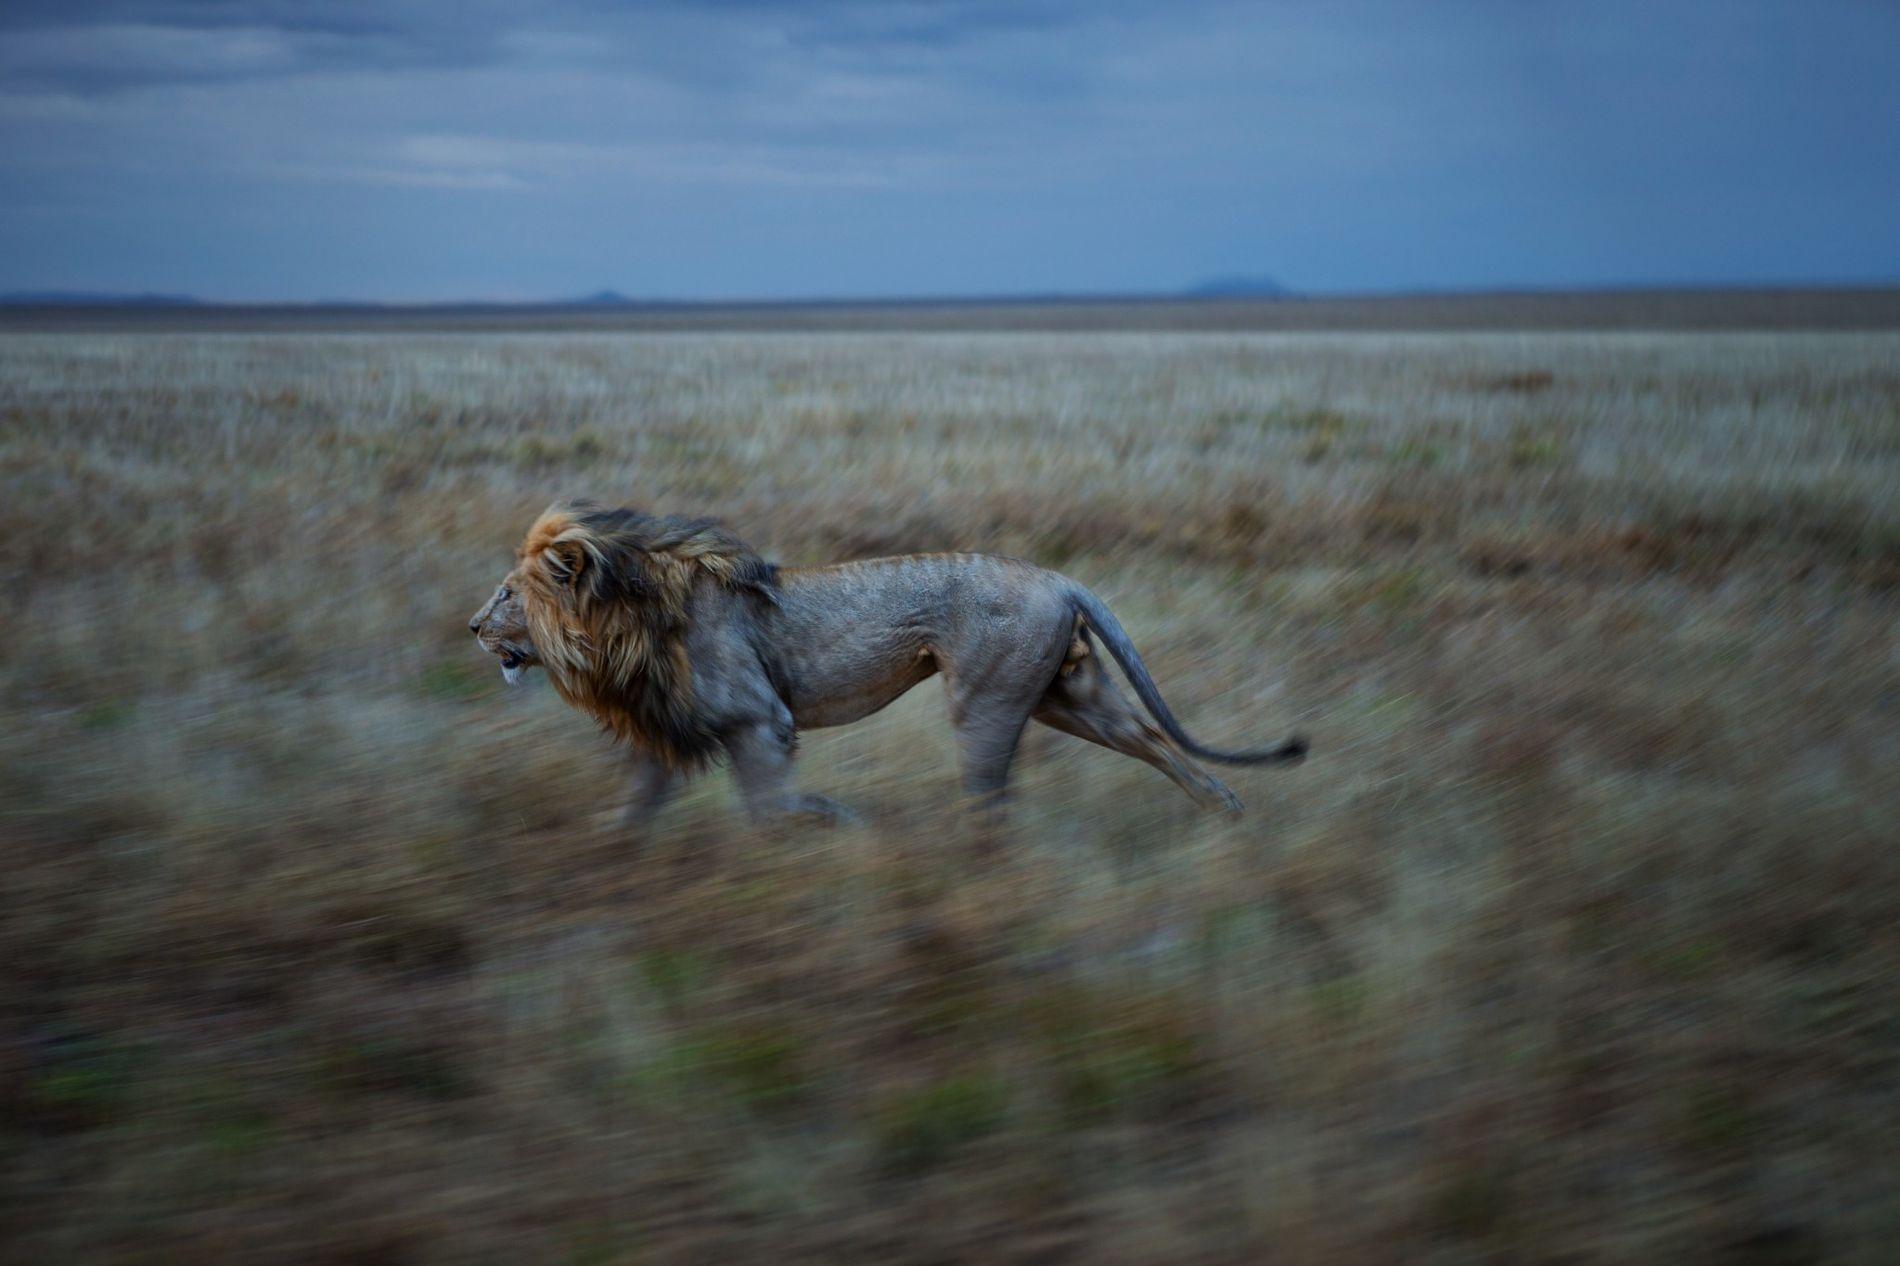 Bild eines Löwen